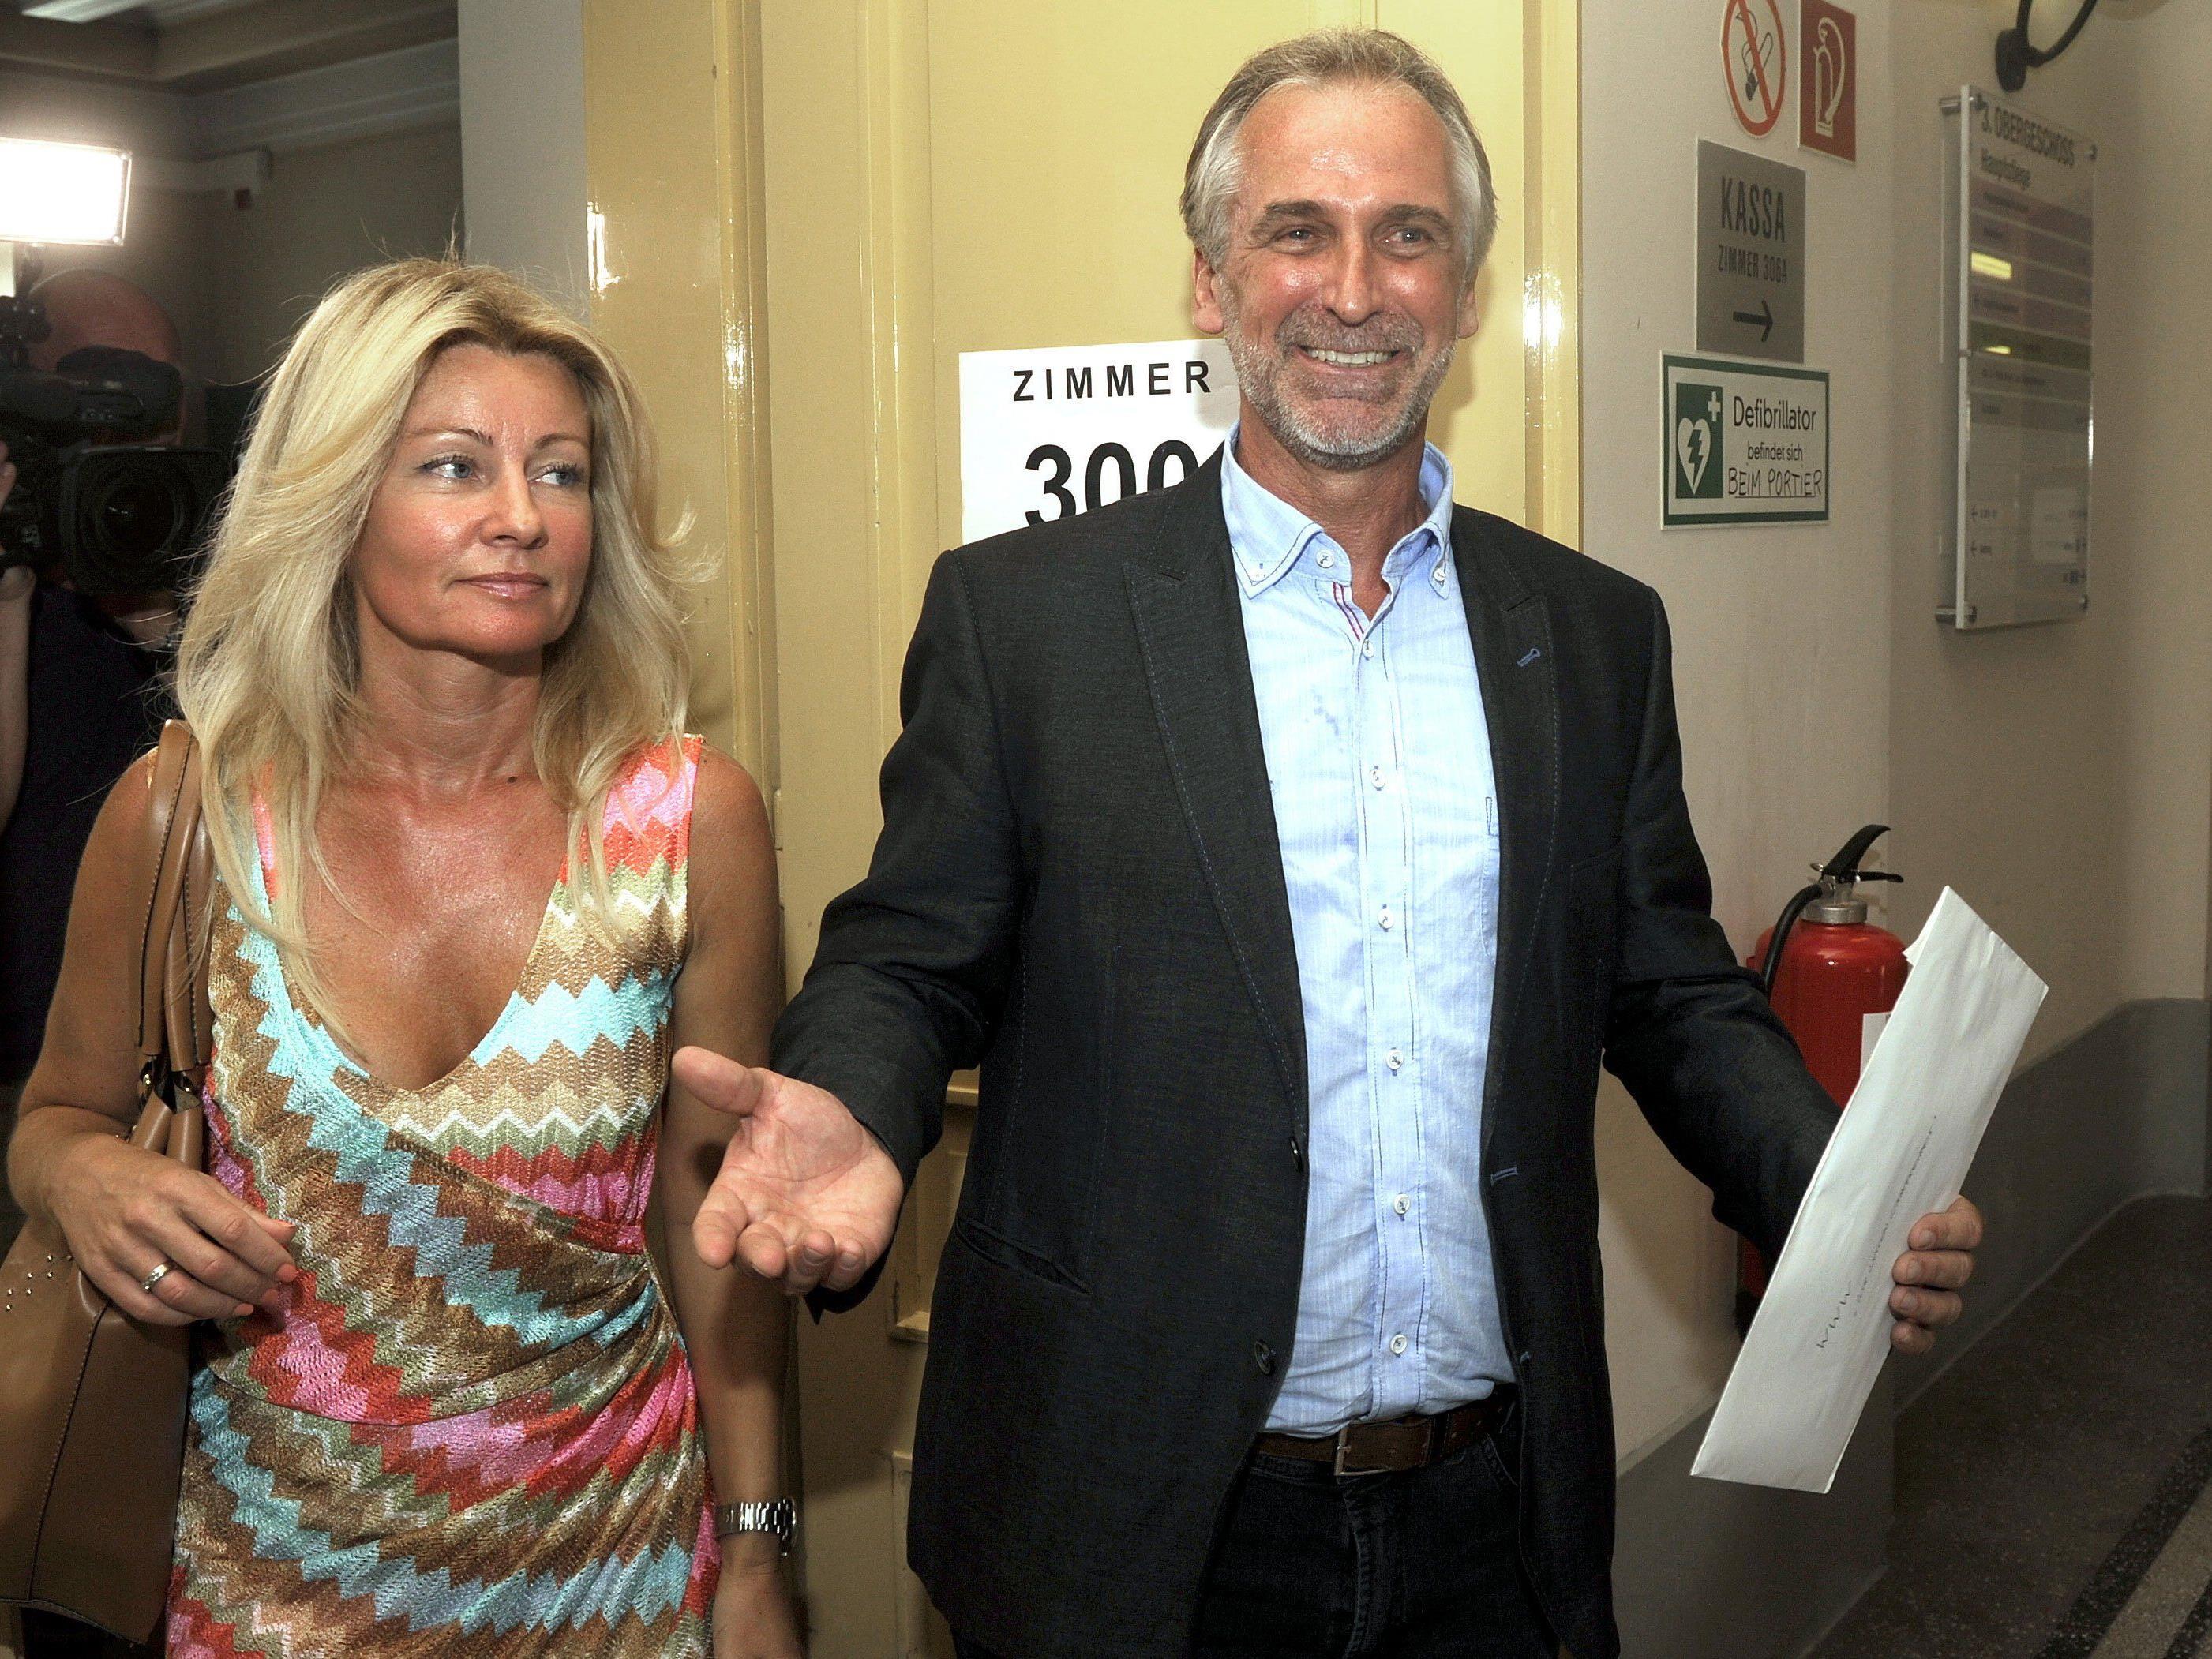 Der Wirt Pollischansky mit seiner Frau bei der Kandidatur-Einreichung.